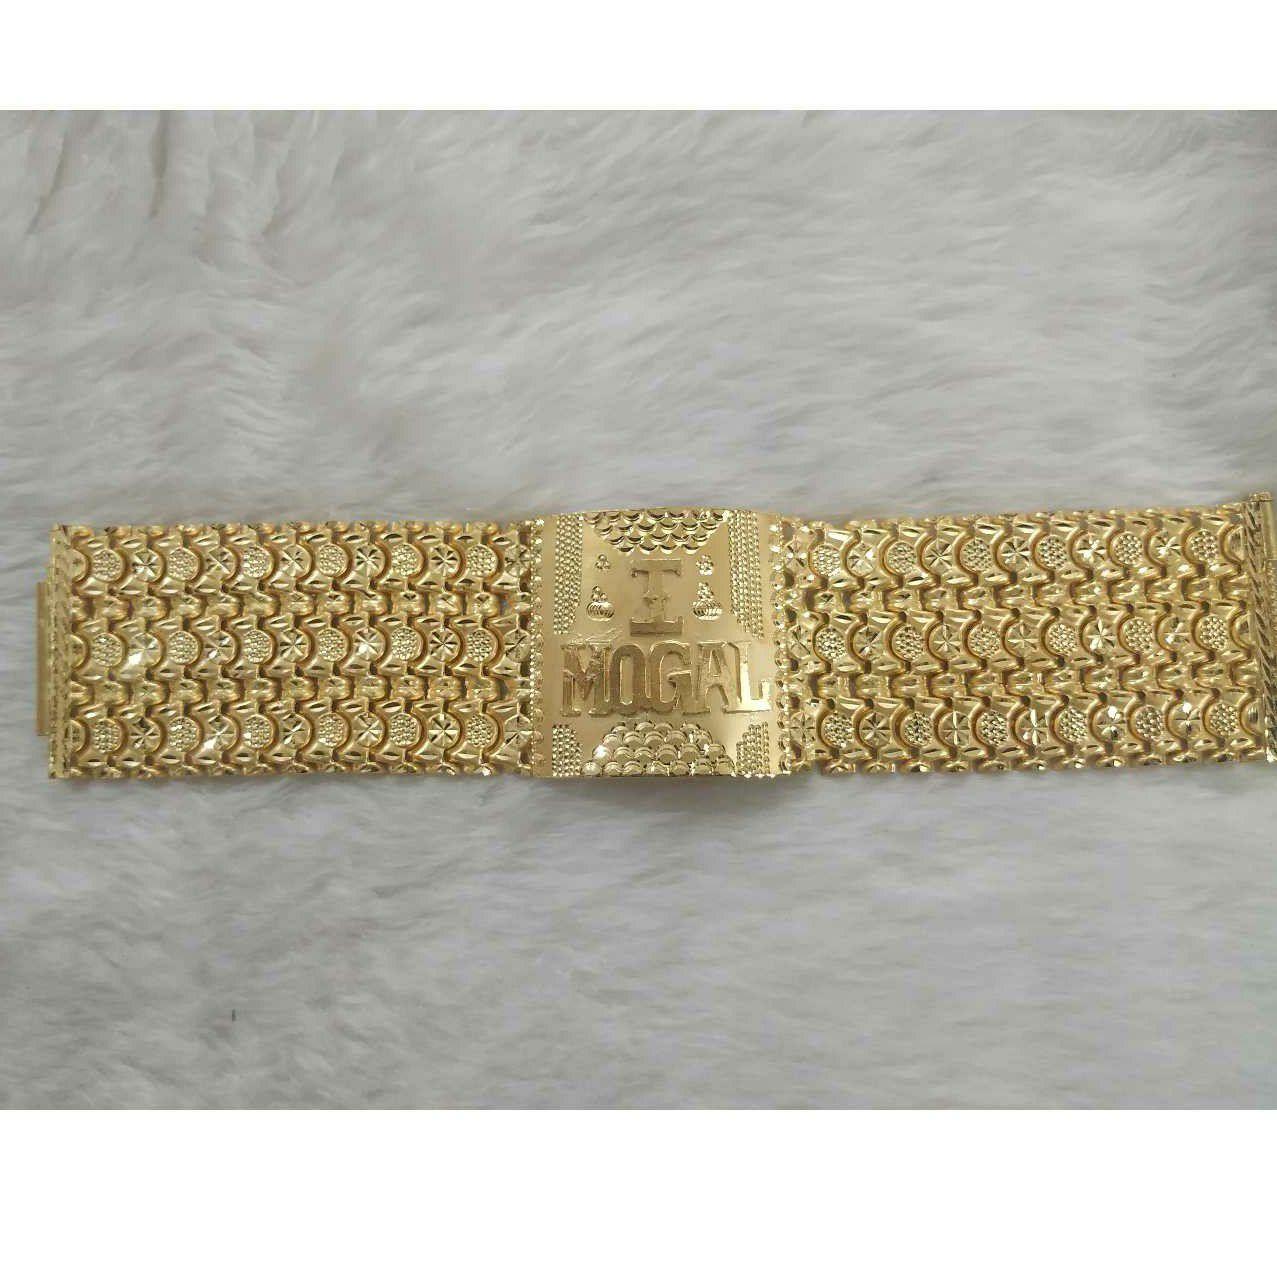 Gents Bracelet (Lucky)